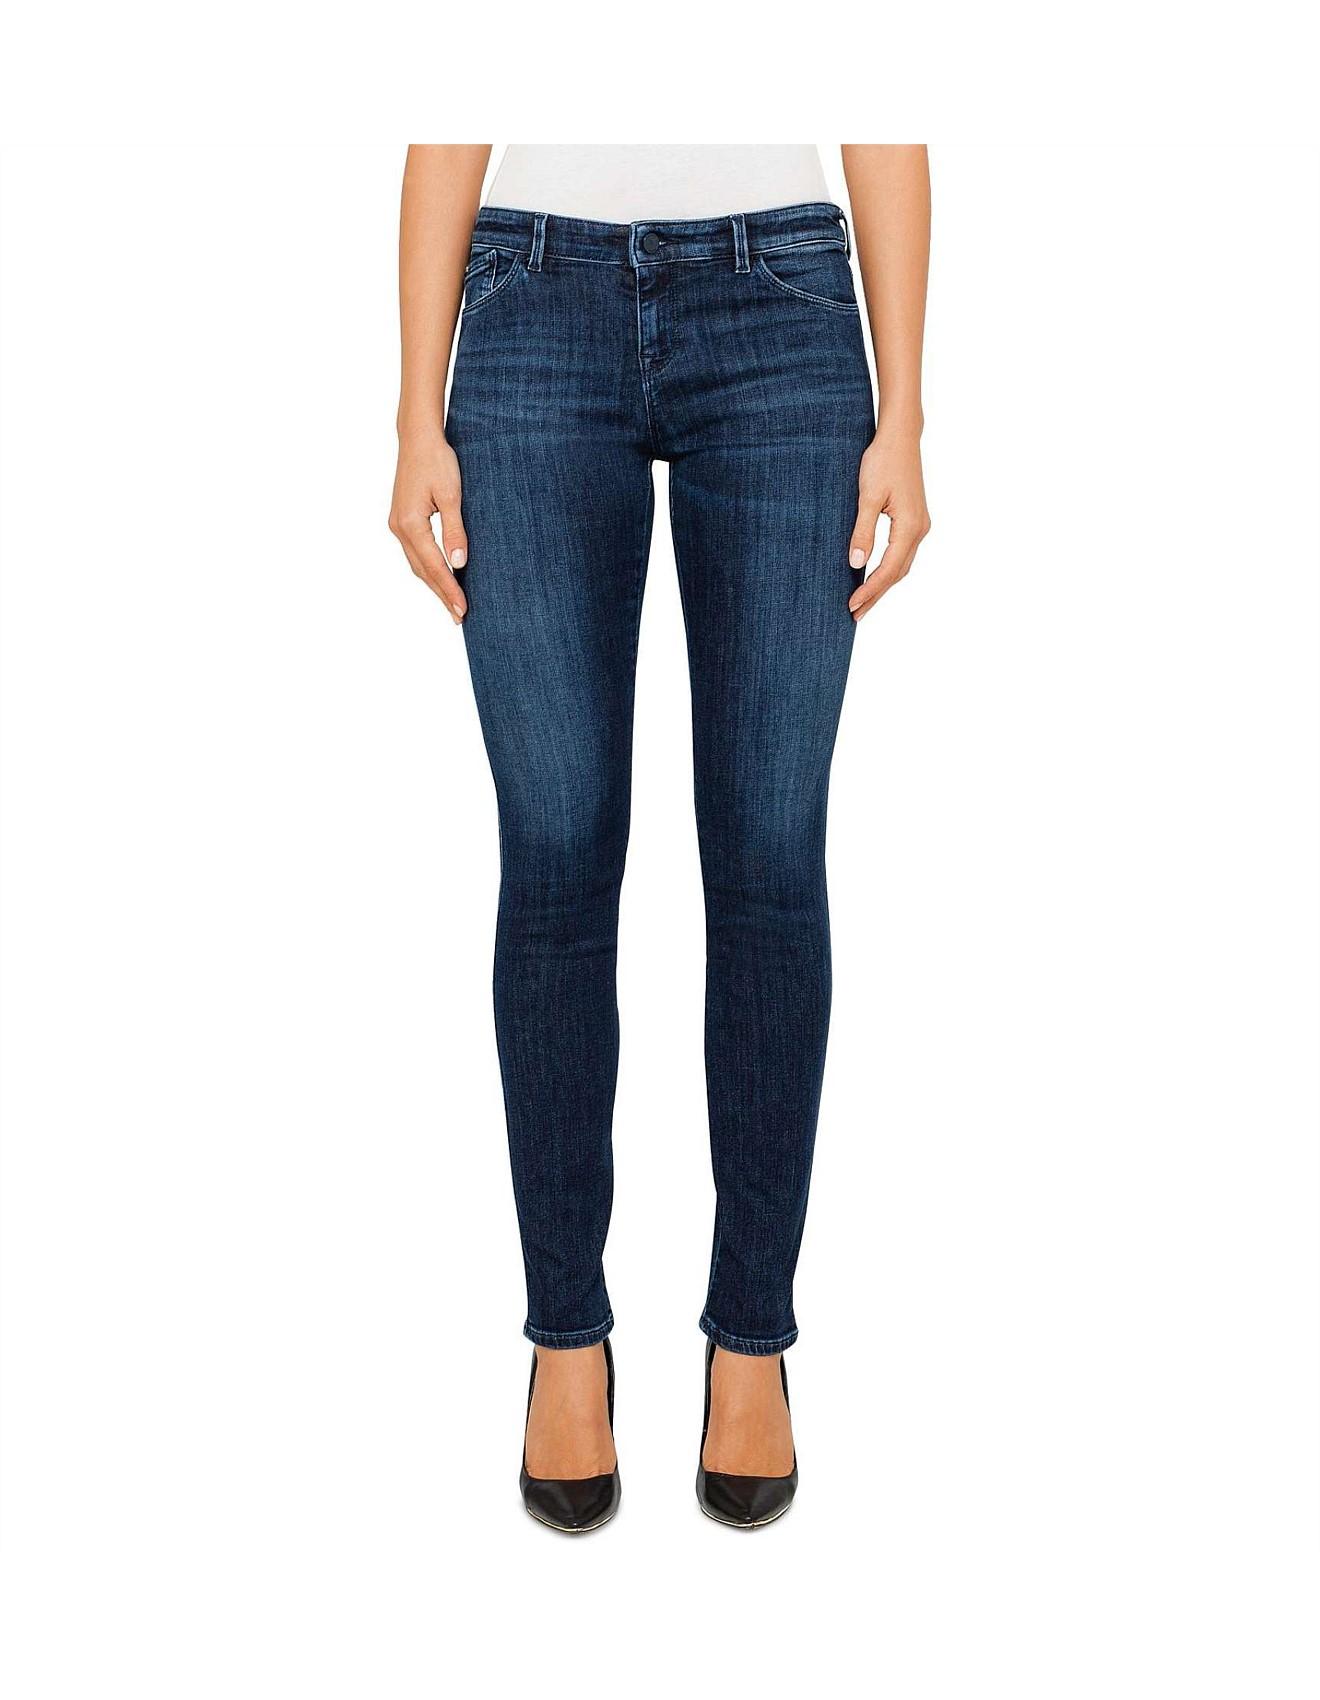 0c1dc9c6e3e5 Armani Jeans | Buy Armani Jeans Clothing Online | David Jones - J23 Medium  Rise Push Up Super Skinny Jean